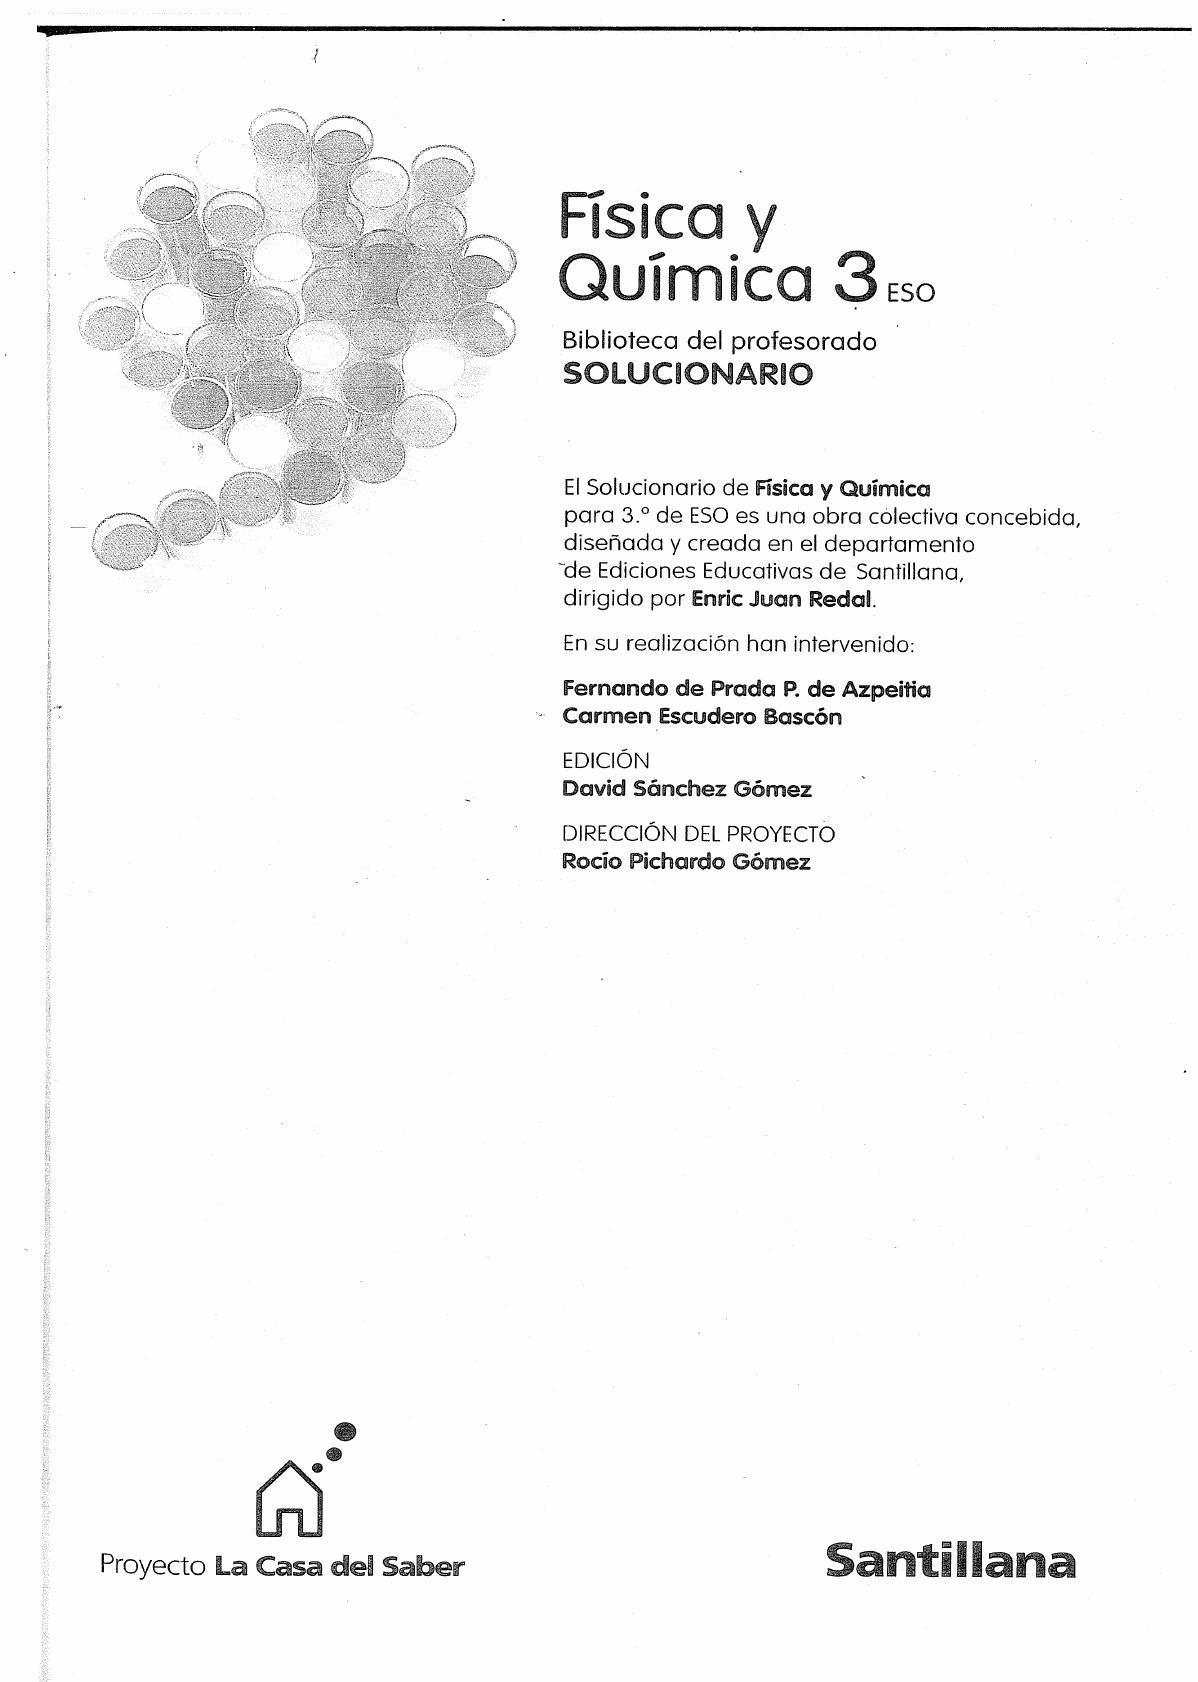 Solucionario Fisica Y Quimica 3º Eso Santillana Documents